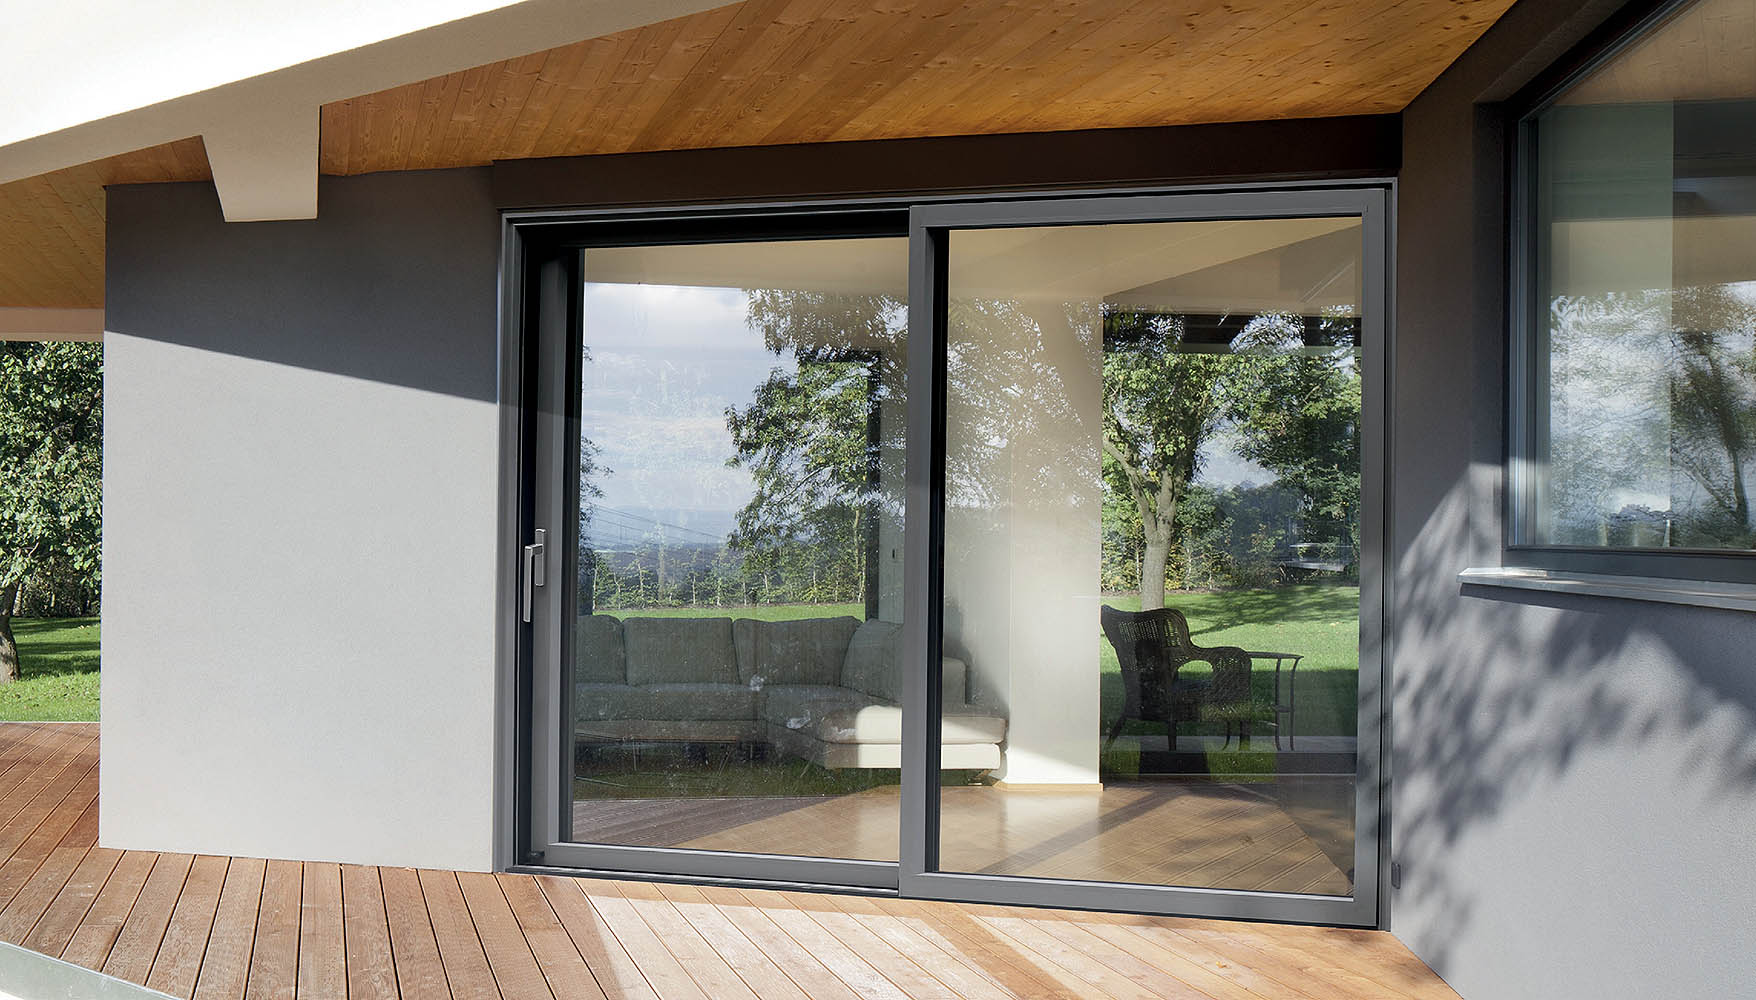 Okna wsystemie Decalu - więcej światła we wnętrzach © DECALU SOLUTIONS